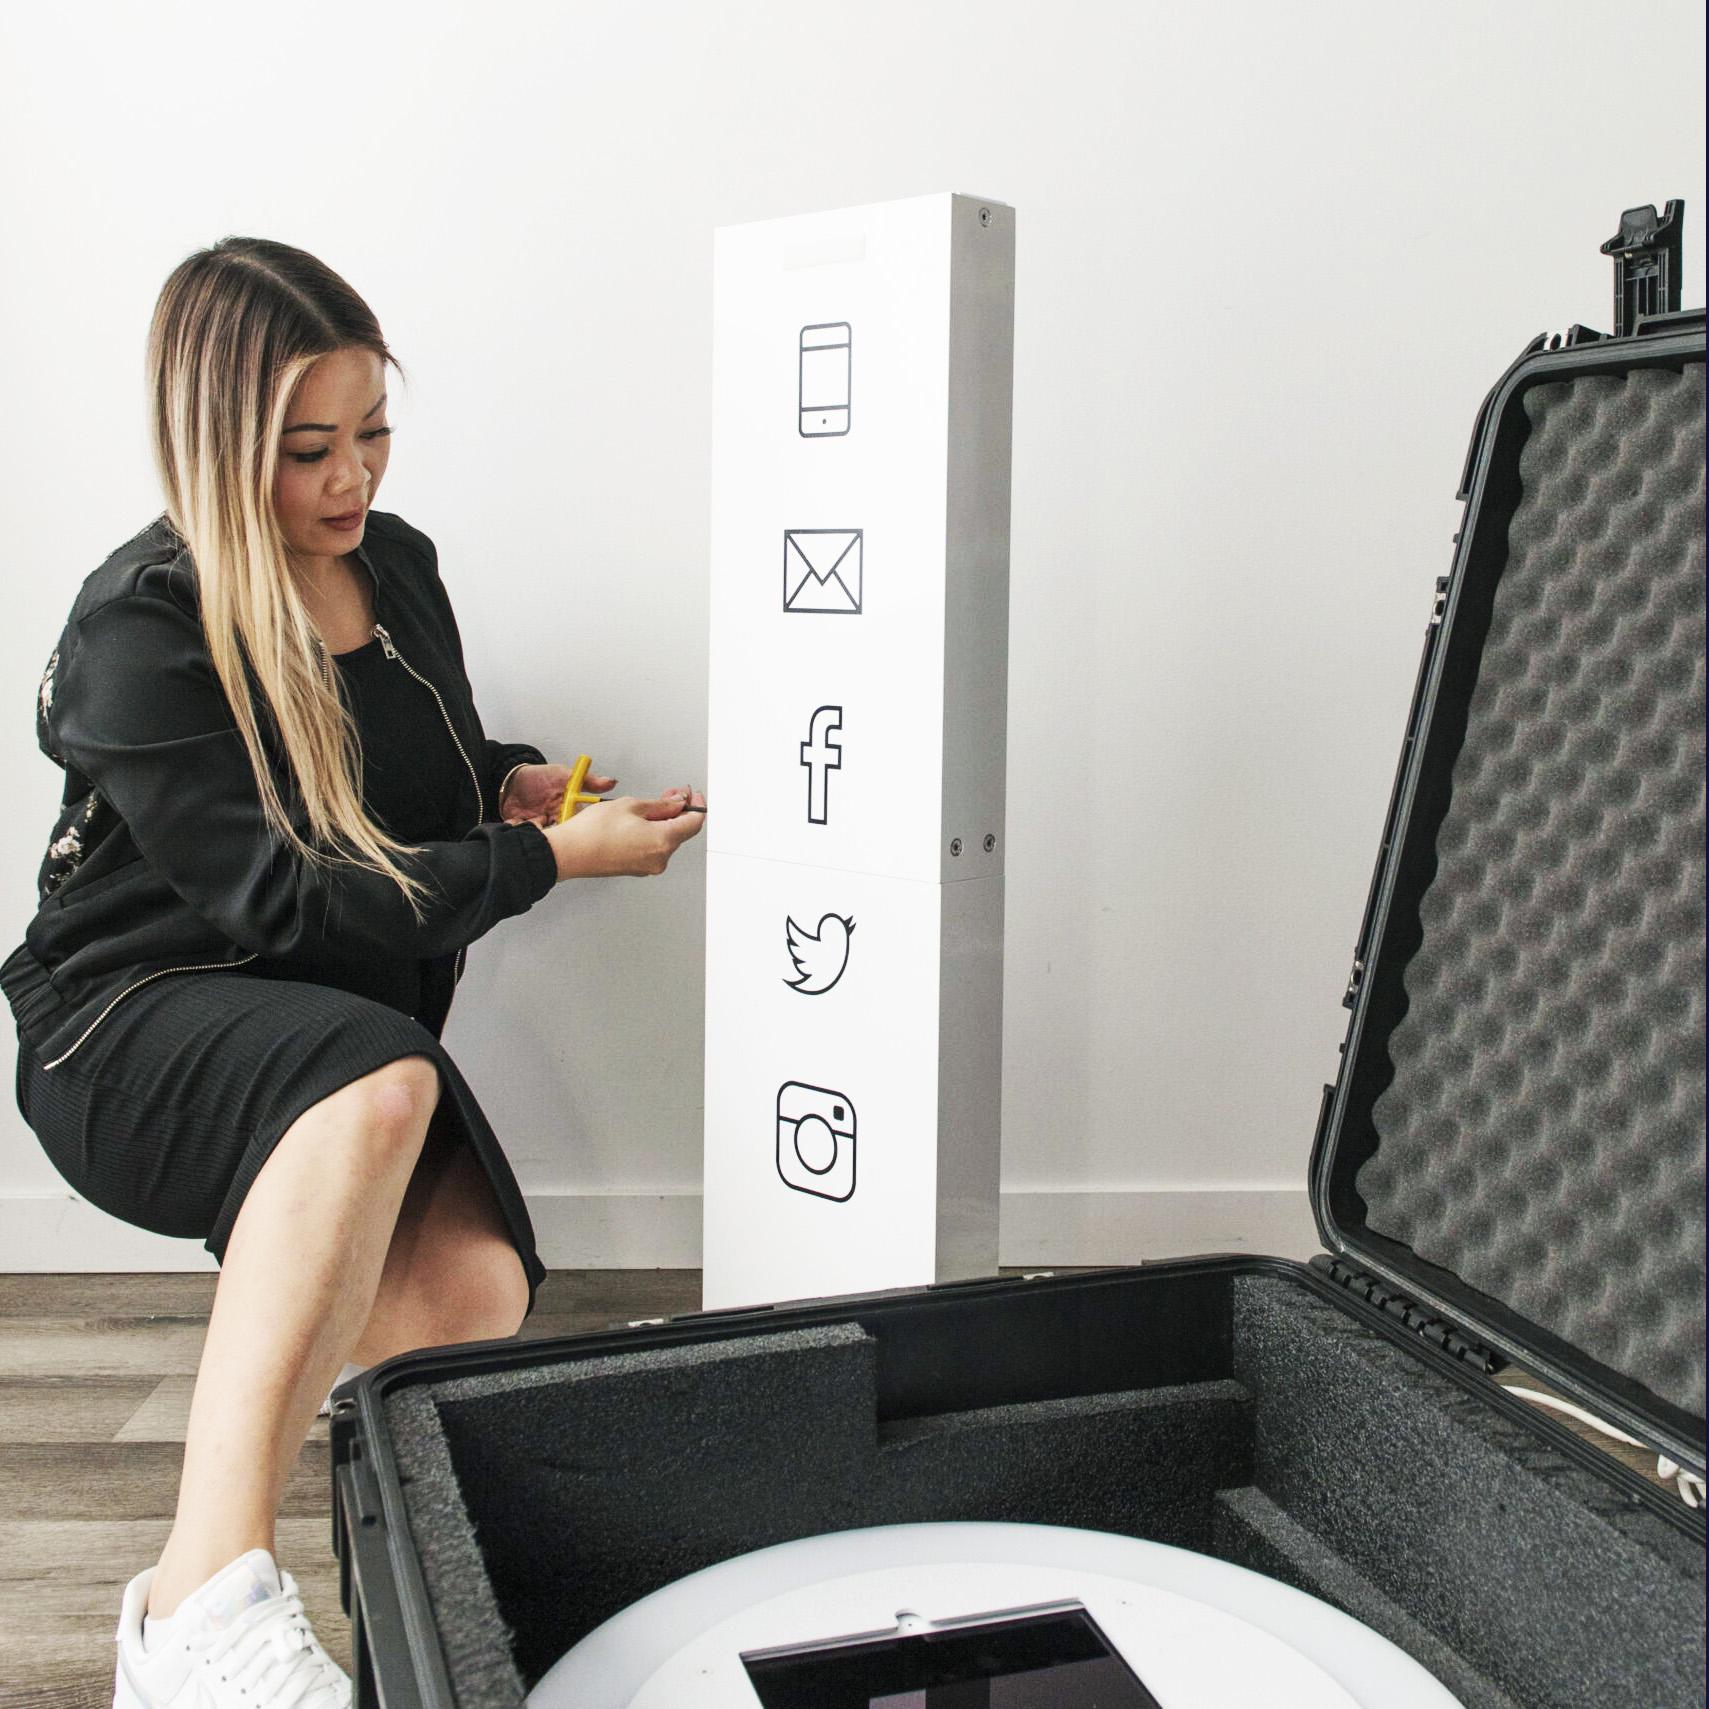 Digital Selfie Booth Easy set-up for MicroWeddings